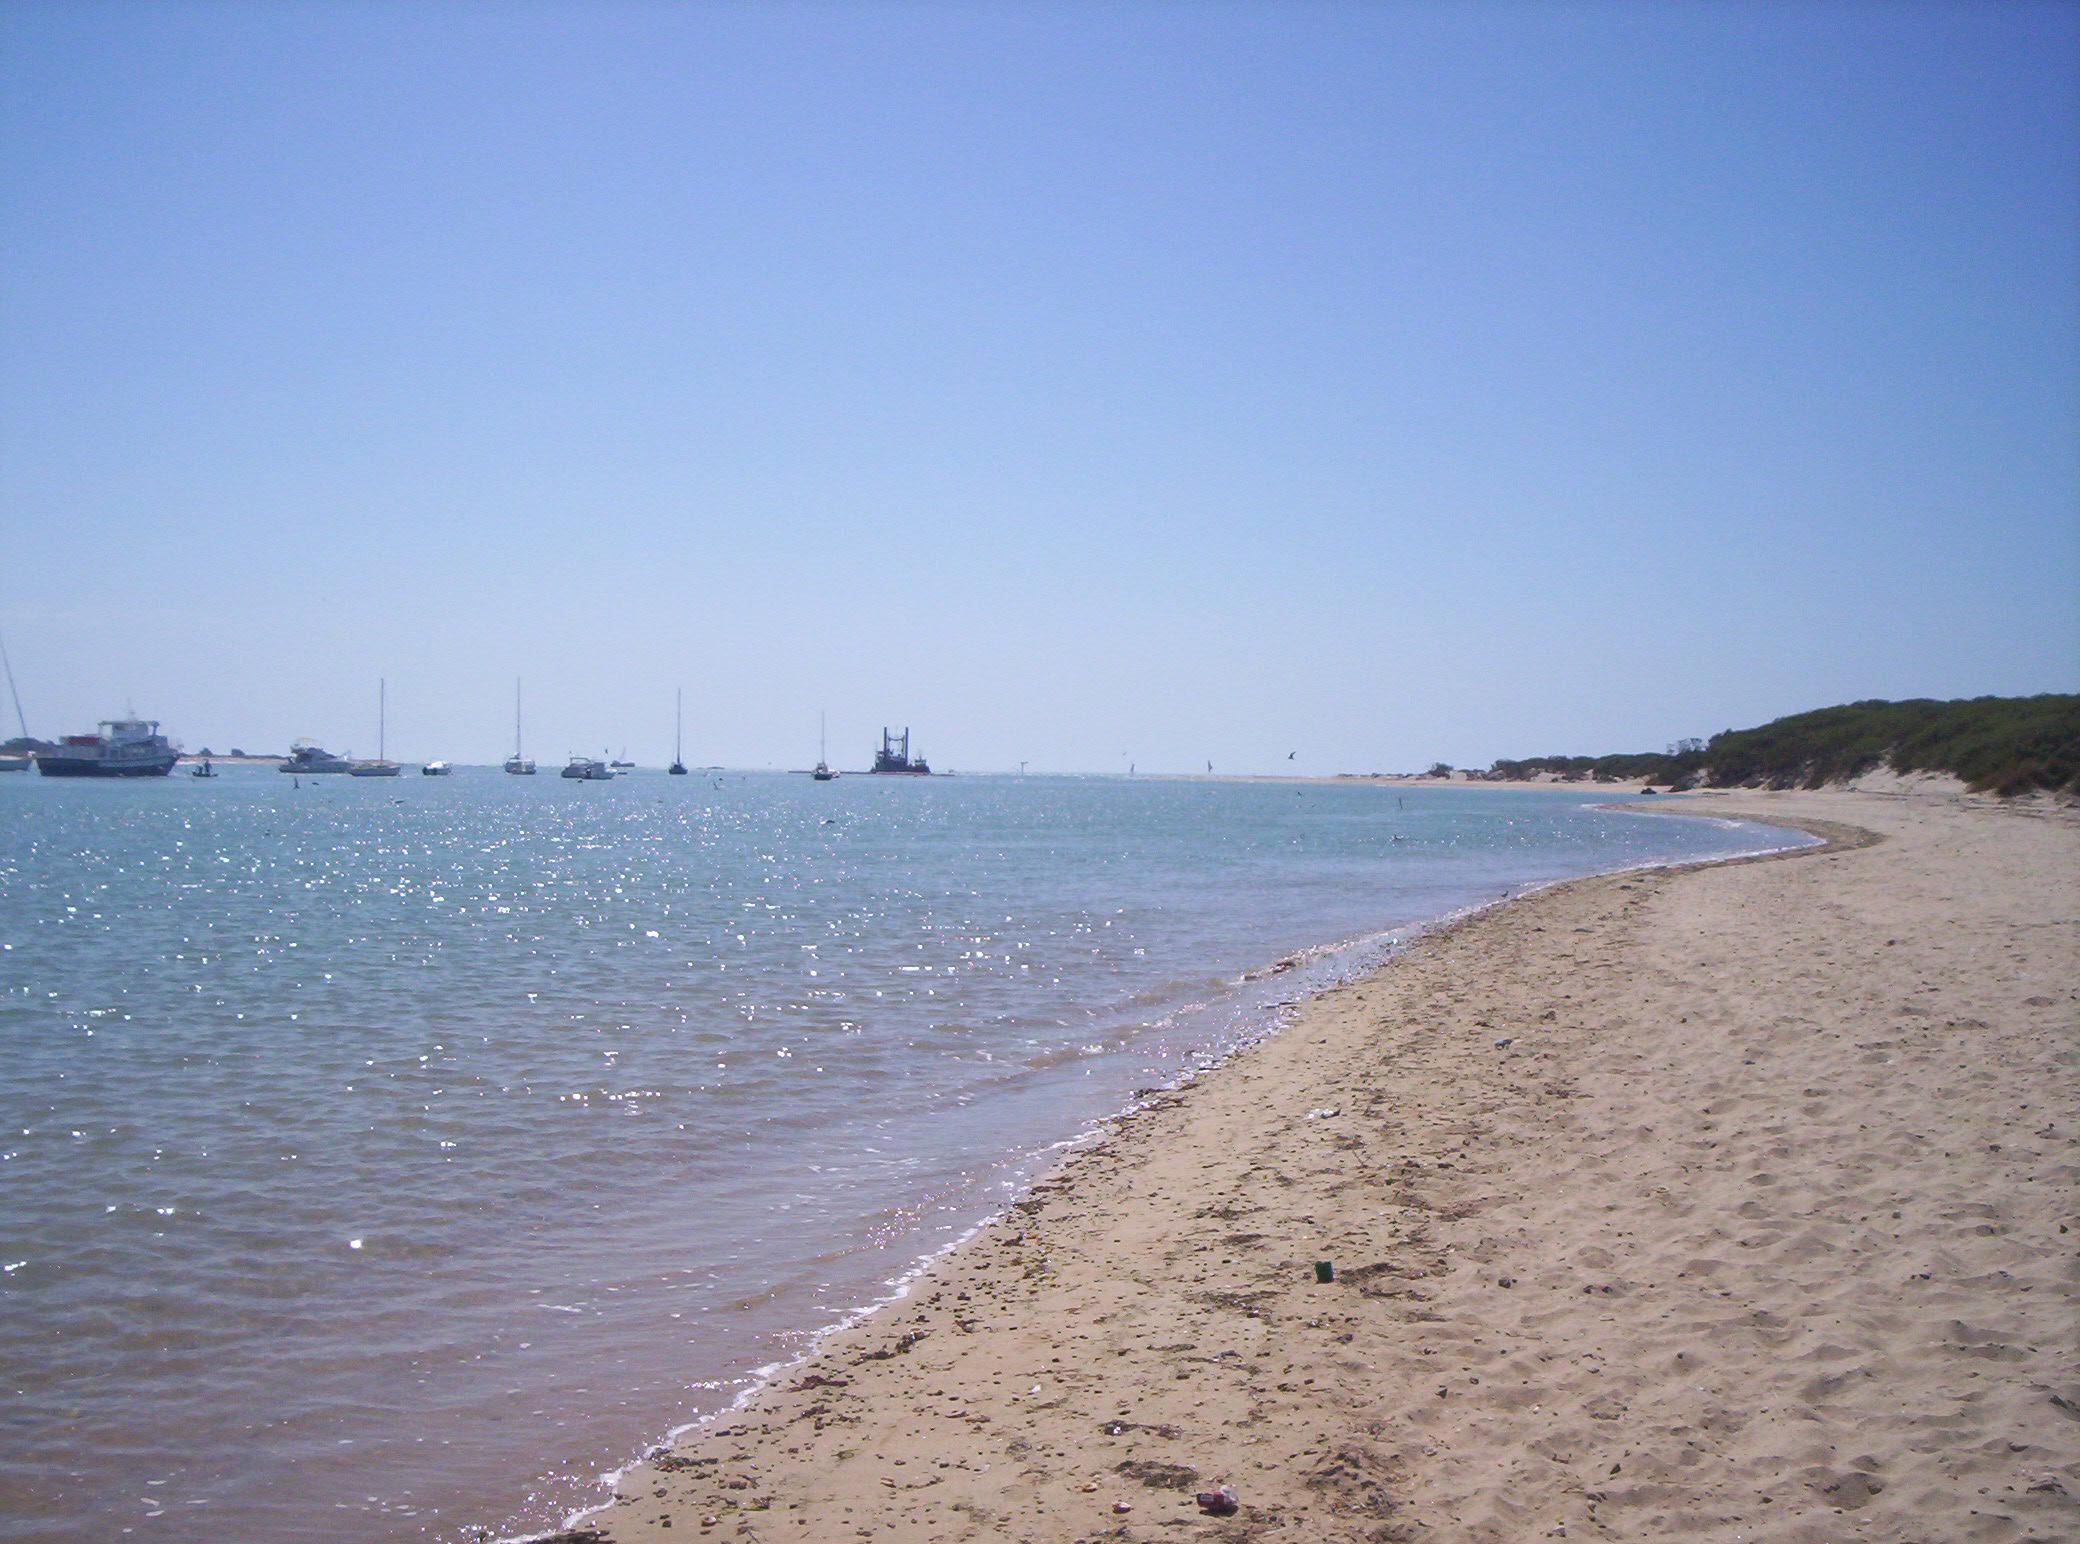 Chiclana de la Frontera beach